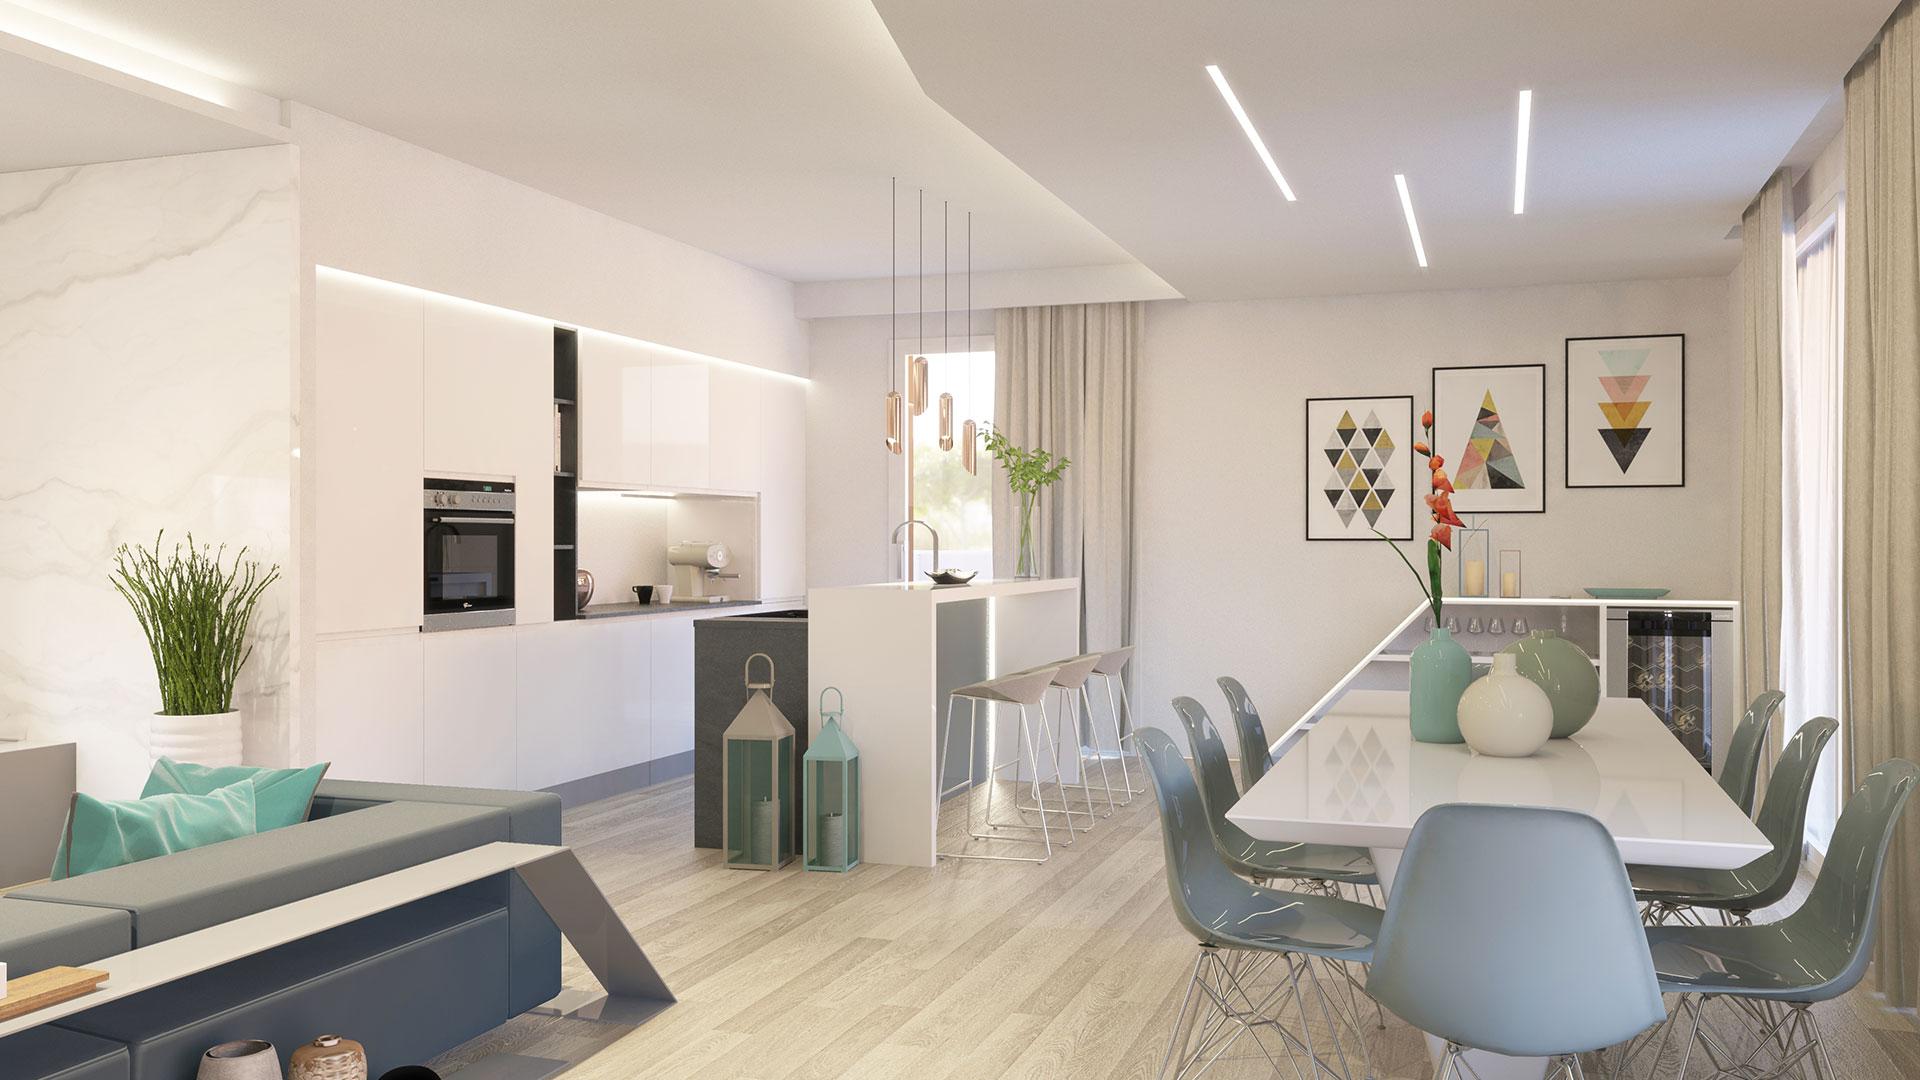 Ristrutturazioni Roma Nord - Parquet - Cucine su Misura Roma Balduina